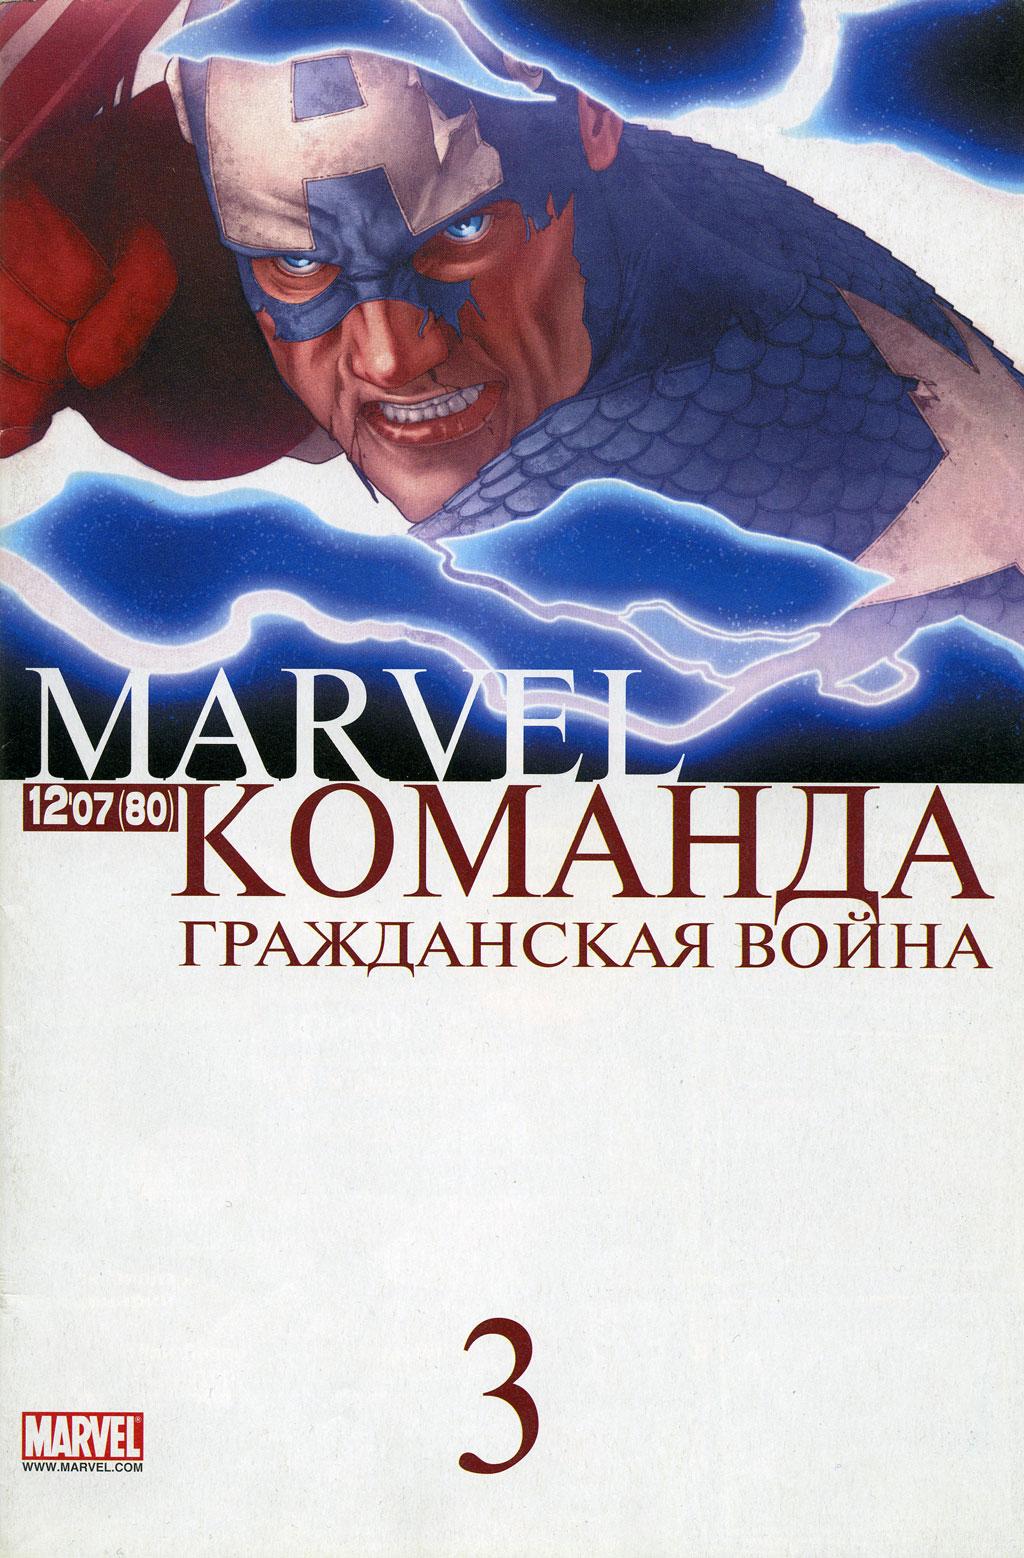 Комиксы Онлайн - Марвел Команда ИДК - # 3 - Страница №1 - Marvel Команда ИДК - Marvel Команда # 80